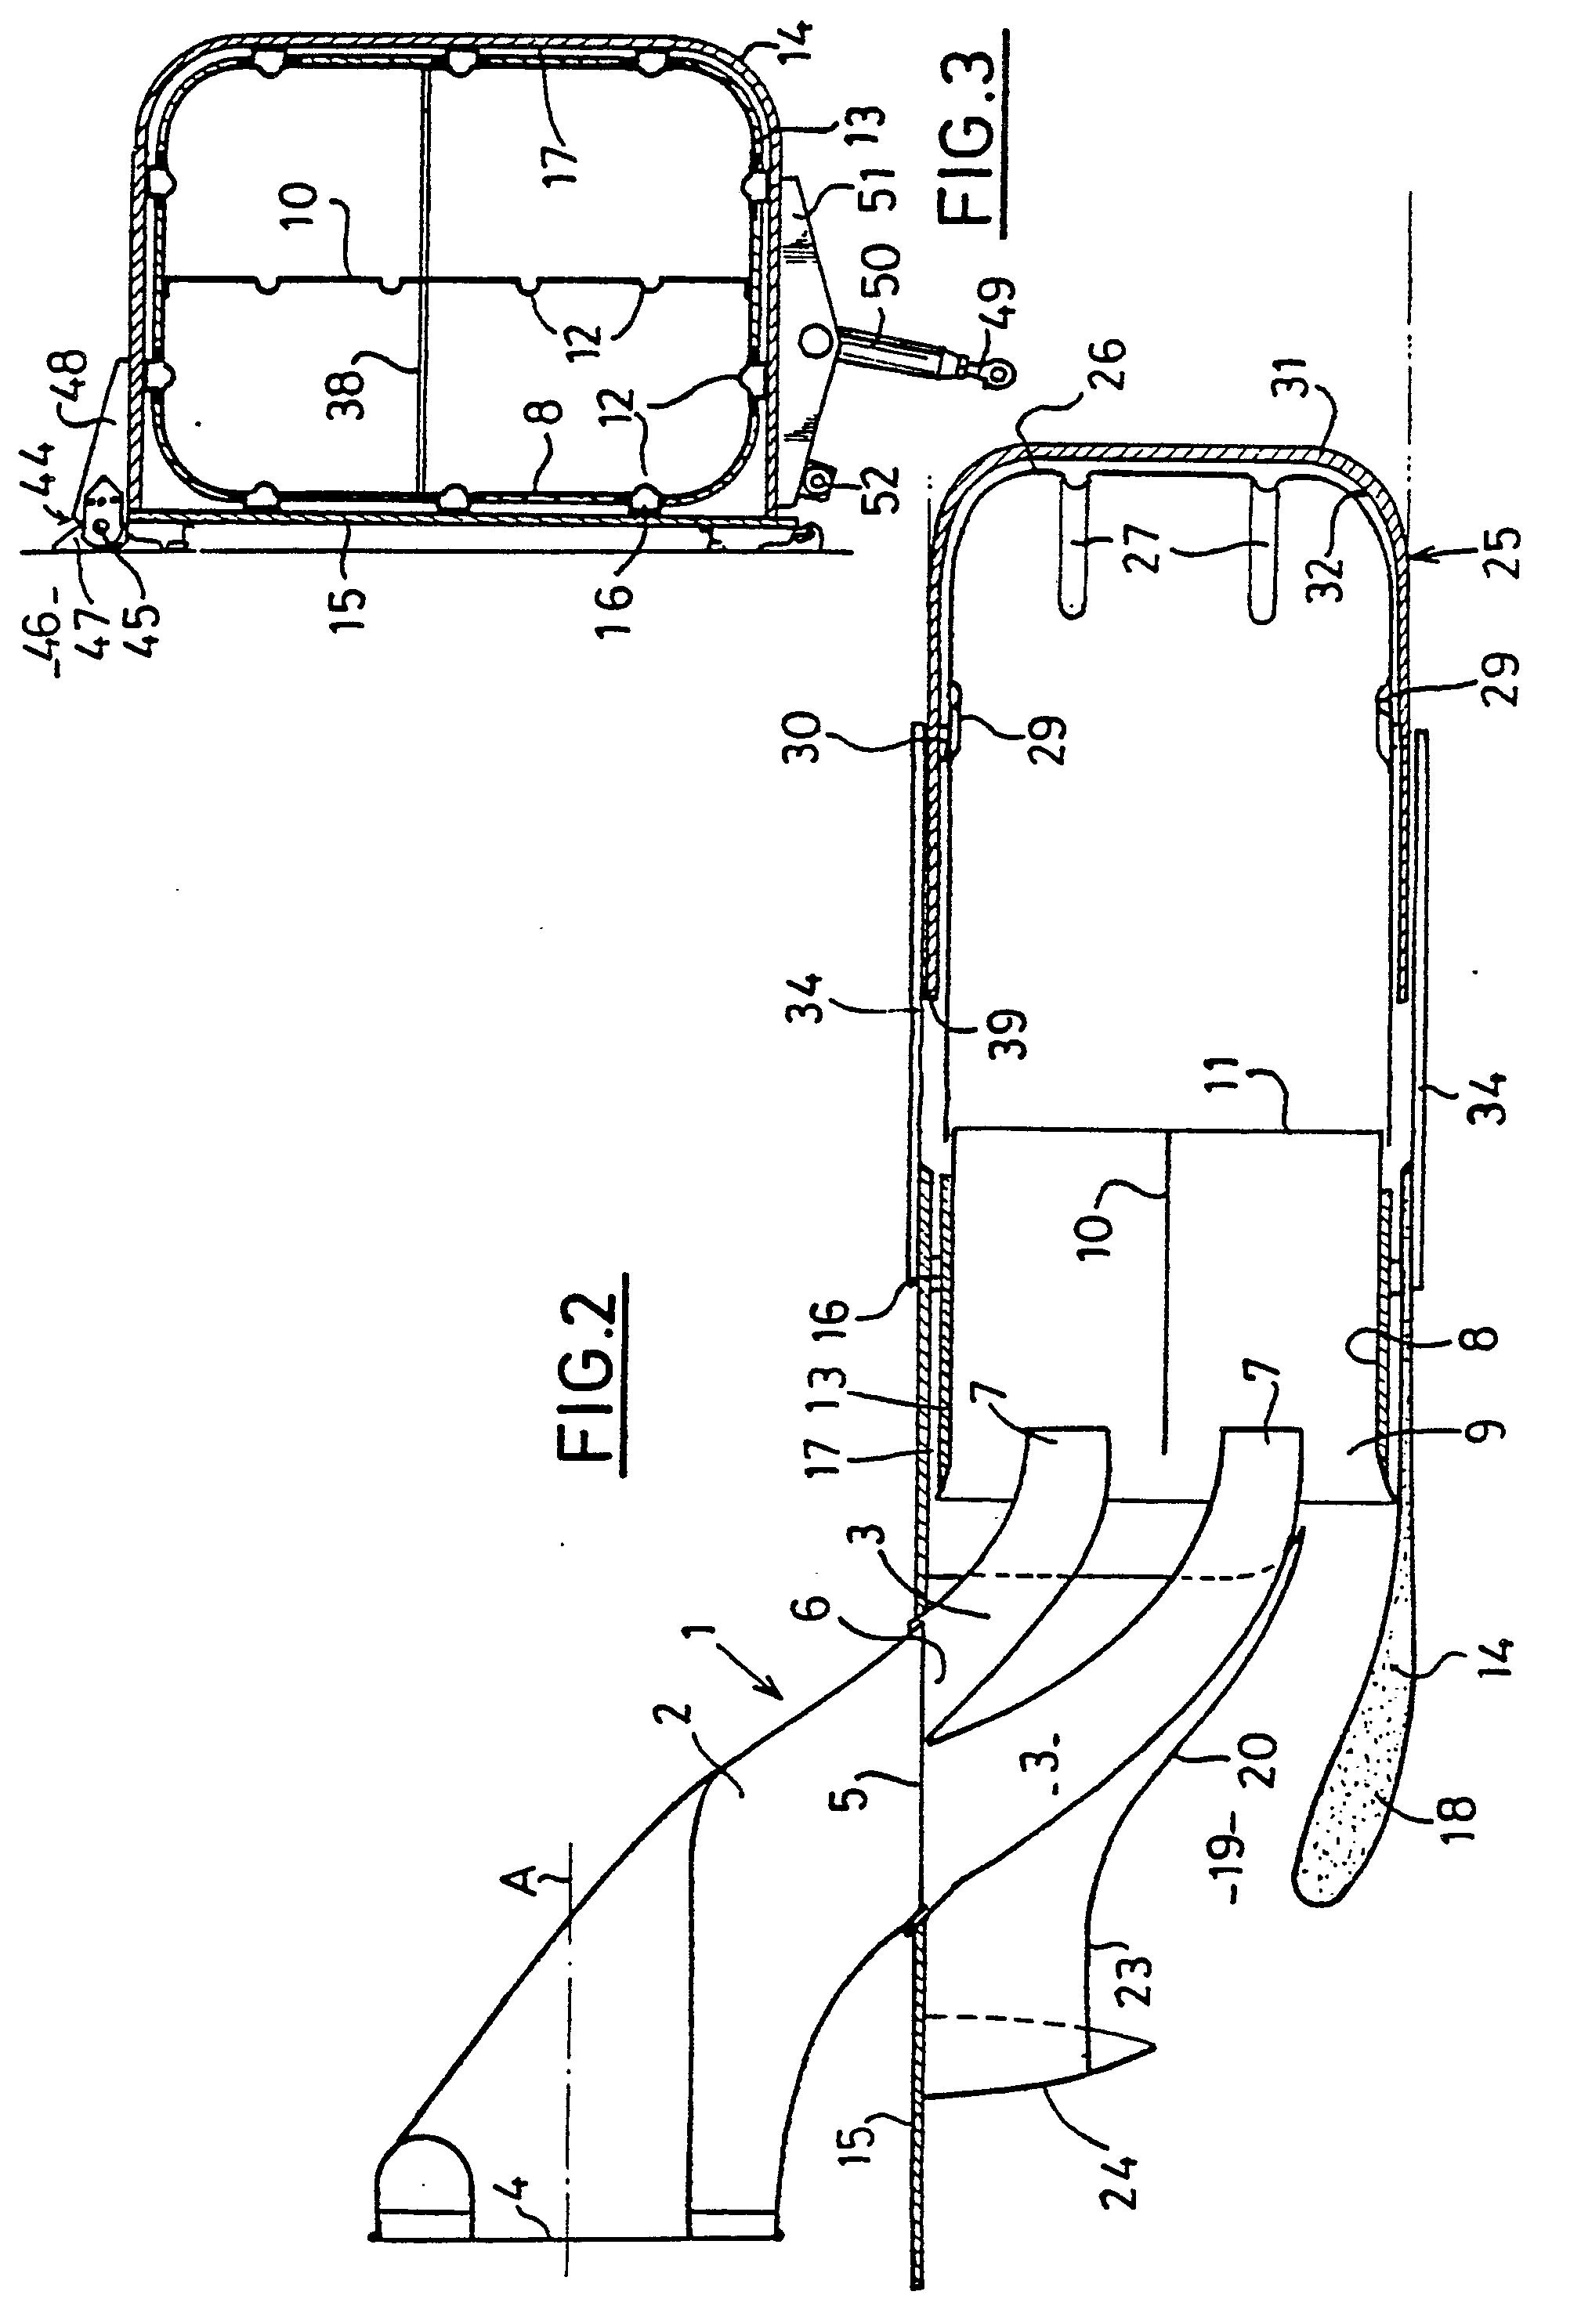 专利ep0165167b1 - ensemble